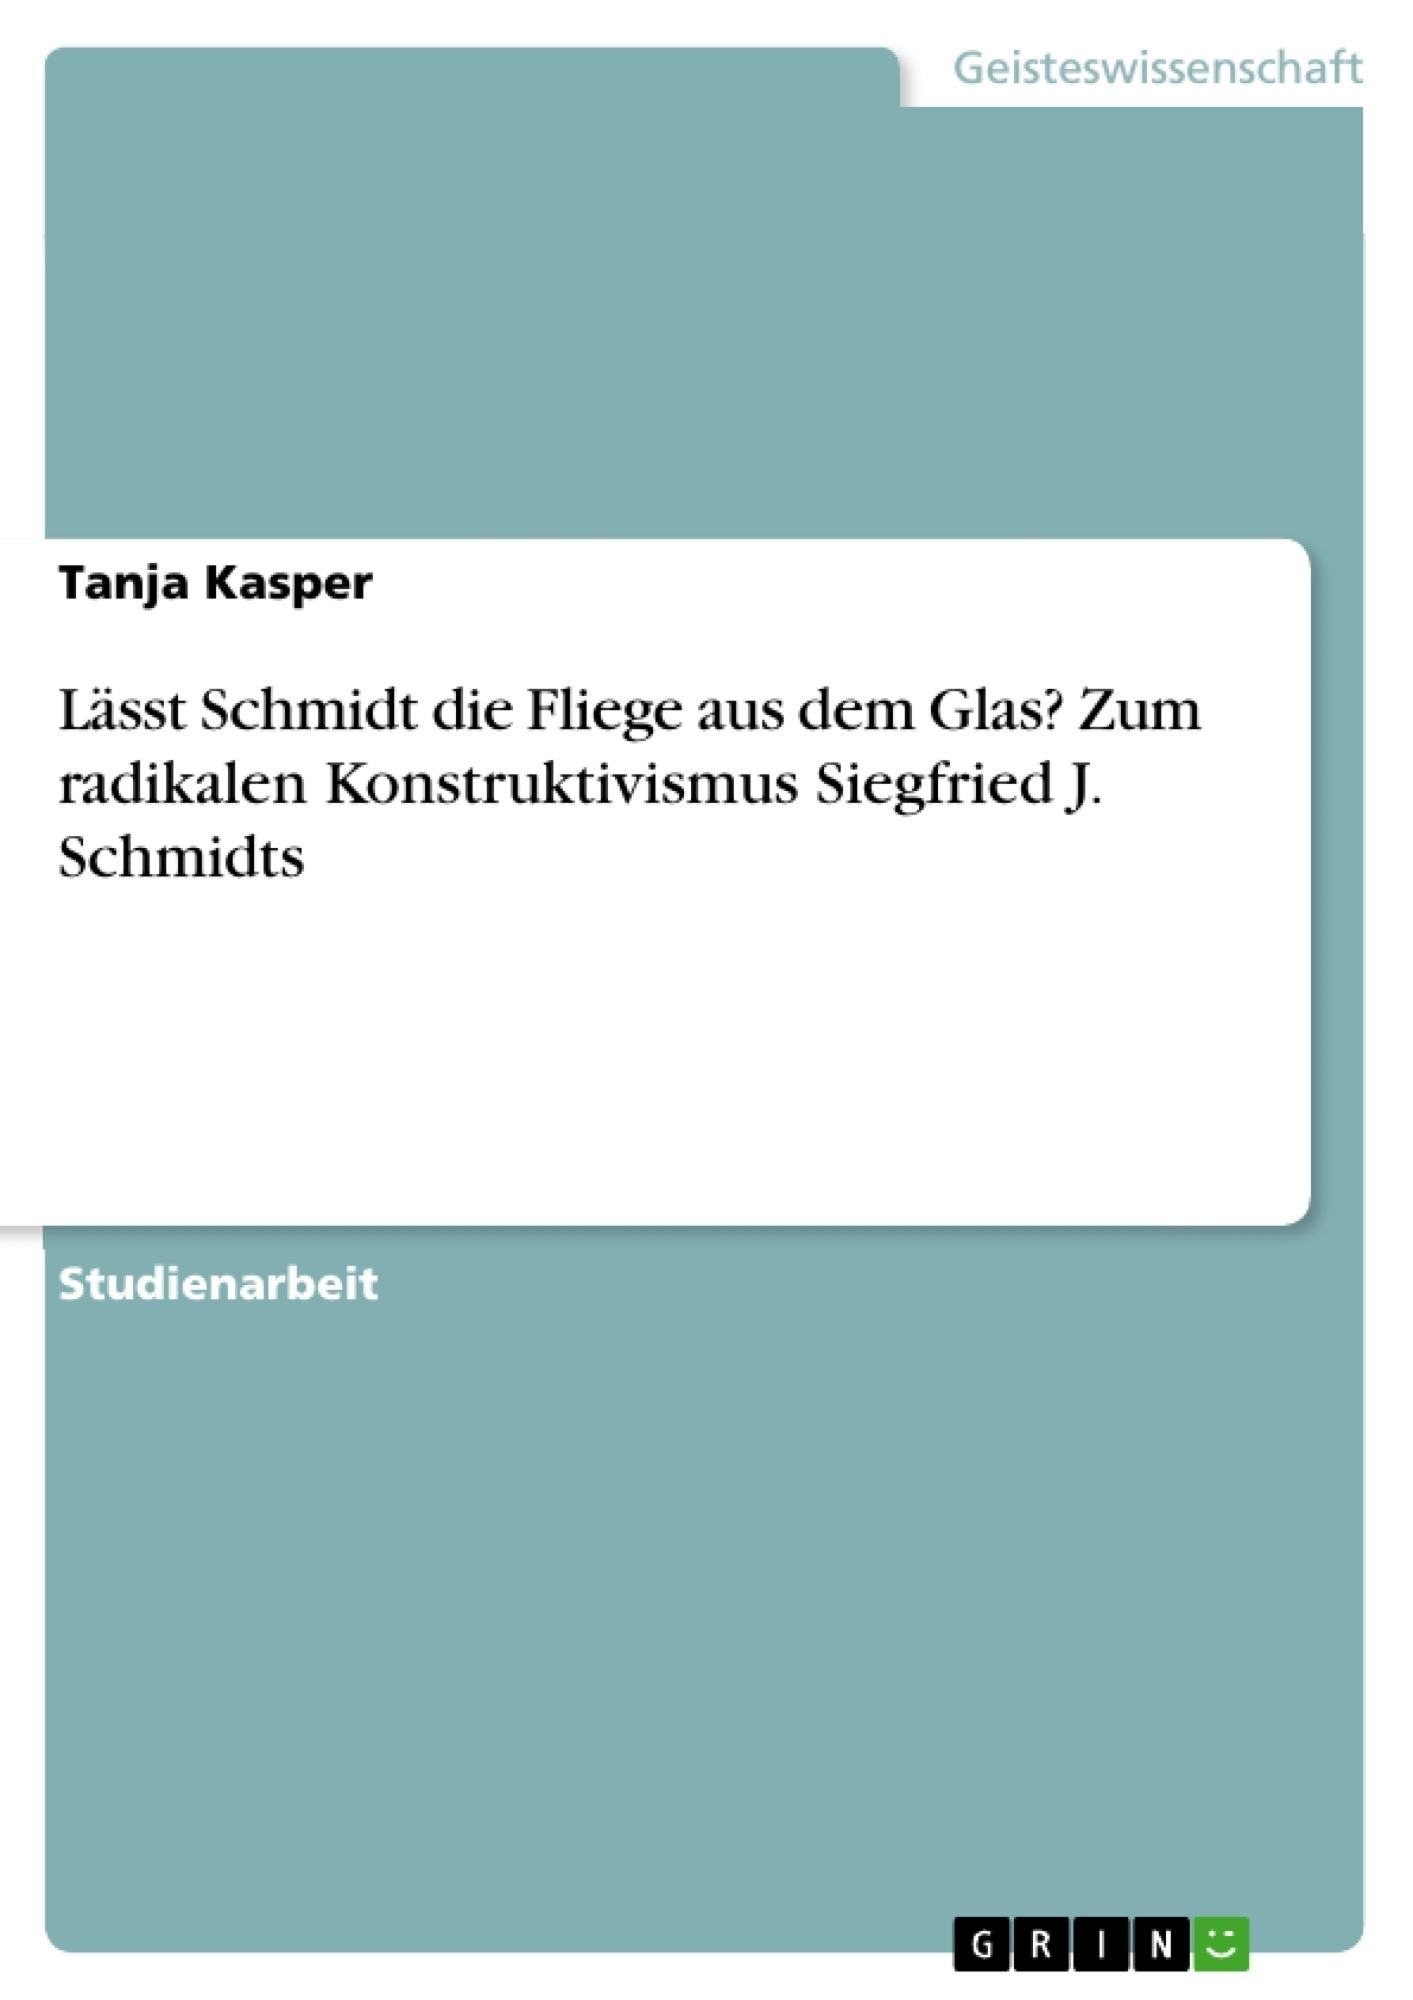 Titel: Lässt Schmidt die Fliege aus dem Glas? Zum radikalen Konstruktivismus Siegfried J. Schmidts